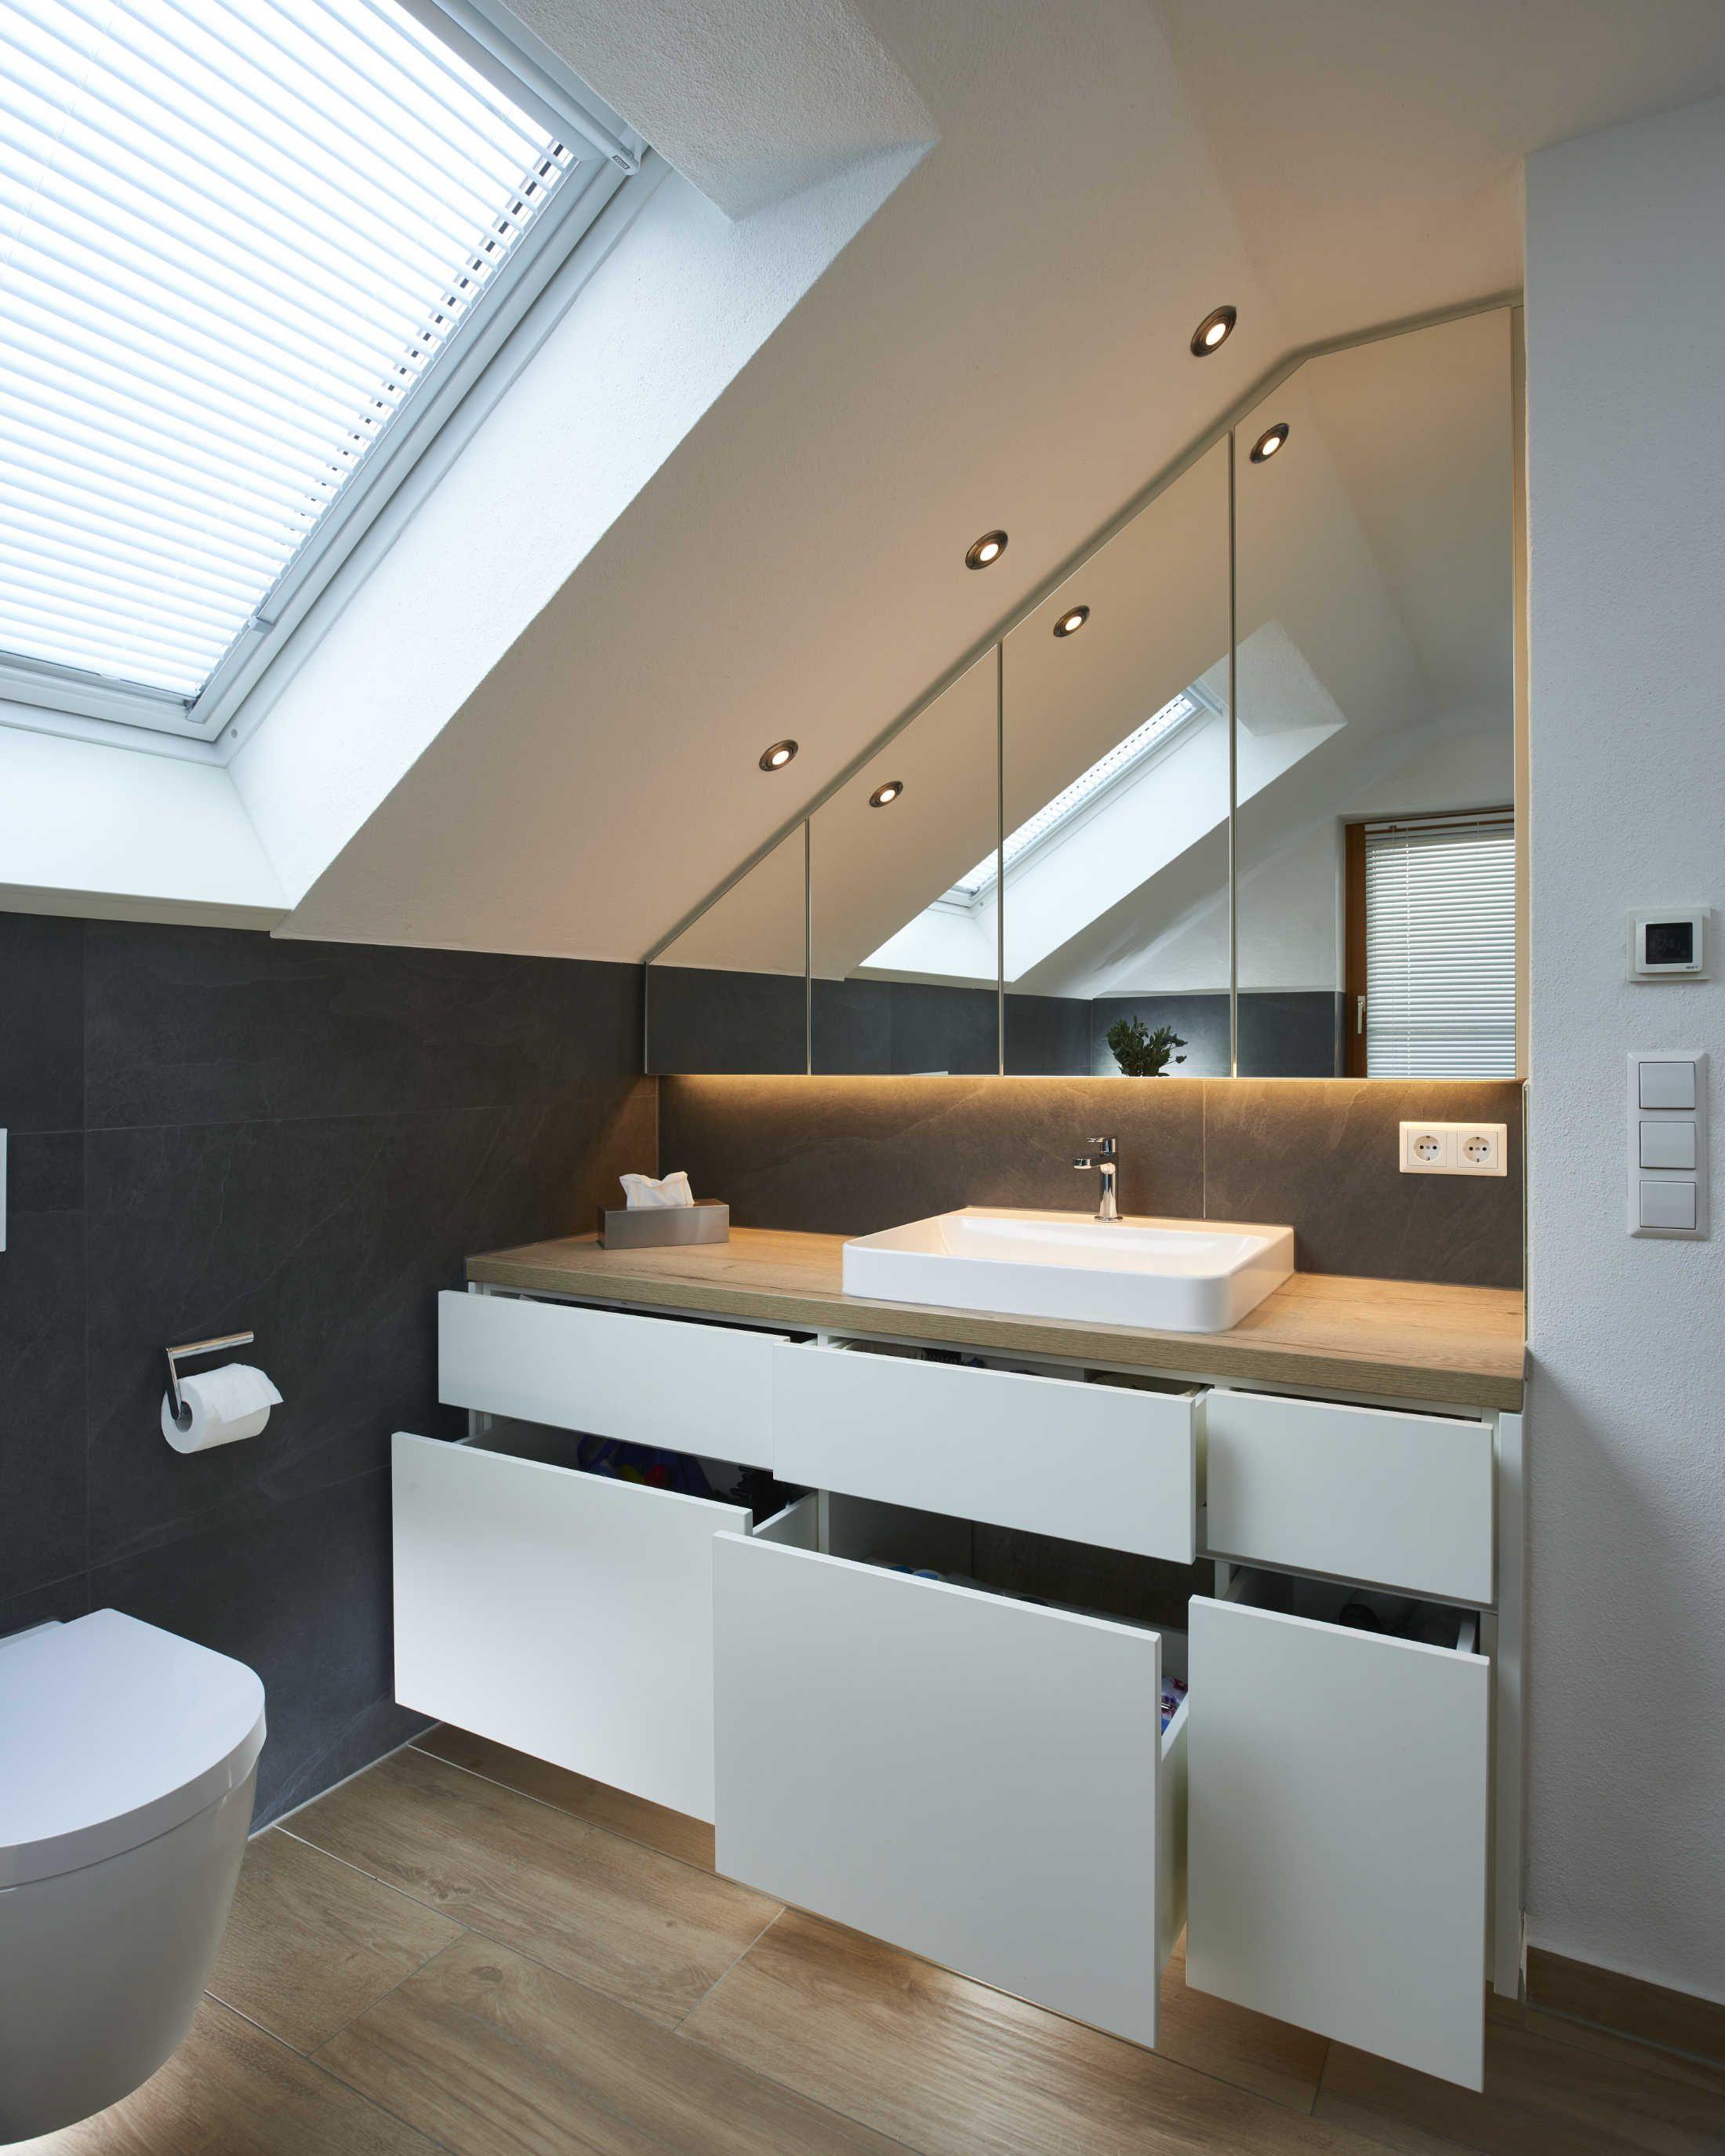 Diese Badezimmerplanung Stammt Komplett Aus Dem Hause Buhler Ein Eyecatcher In Dies Badezimmer Dachschrage Badezimmer Innenausstattung Badezimmer Dachgeschoss